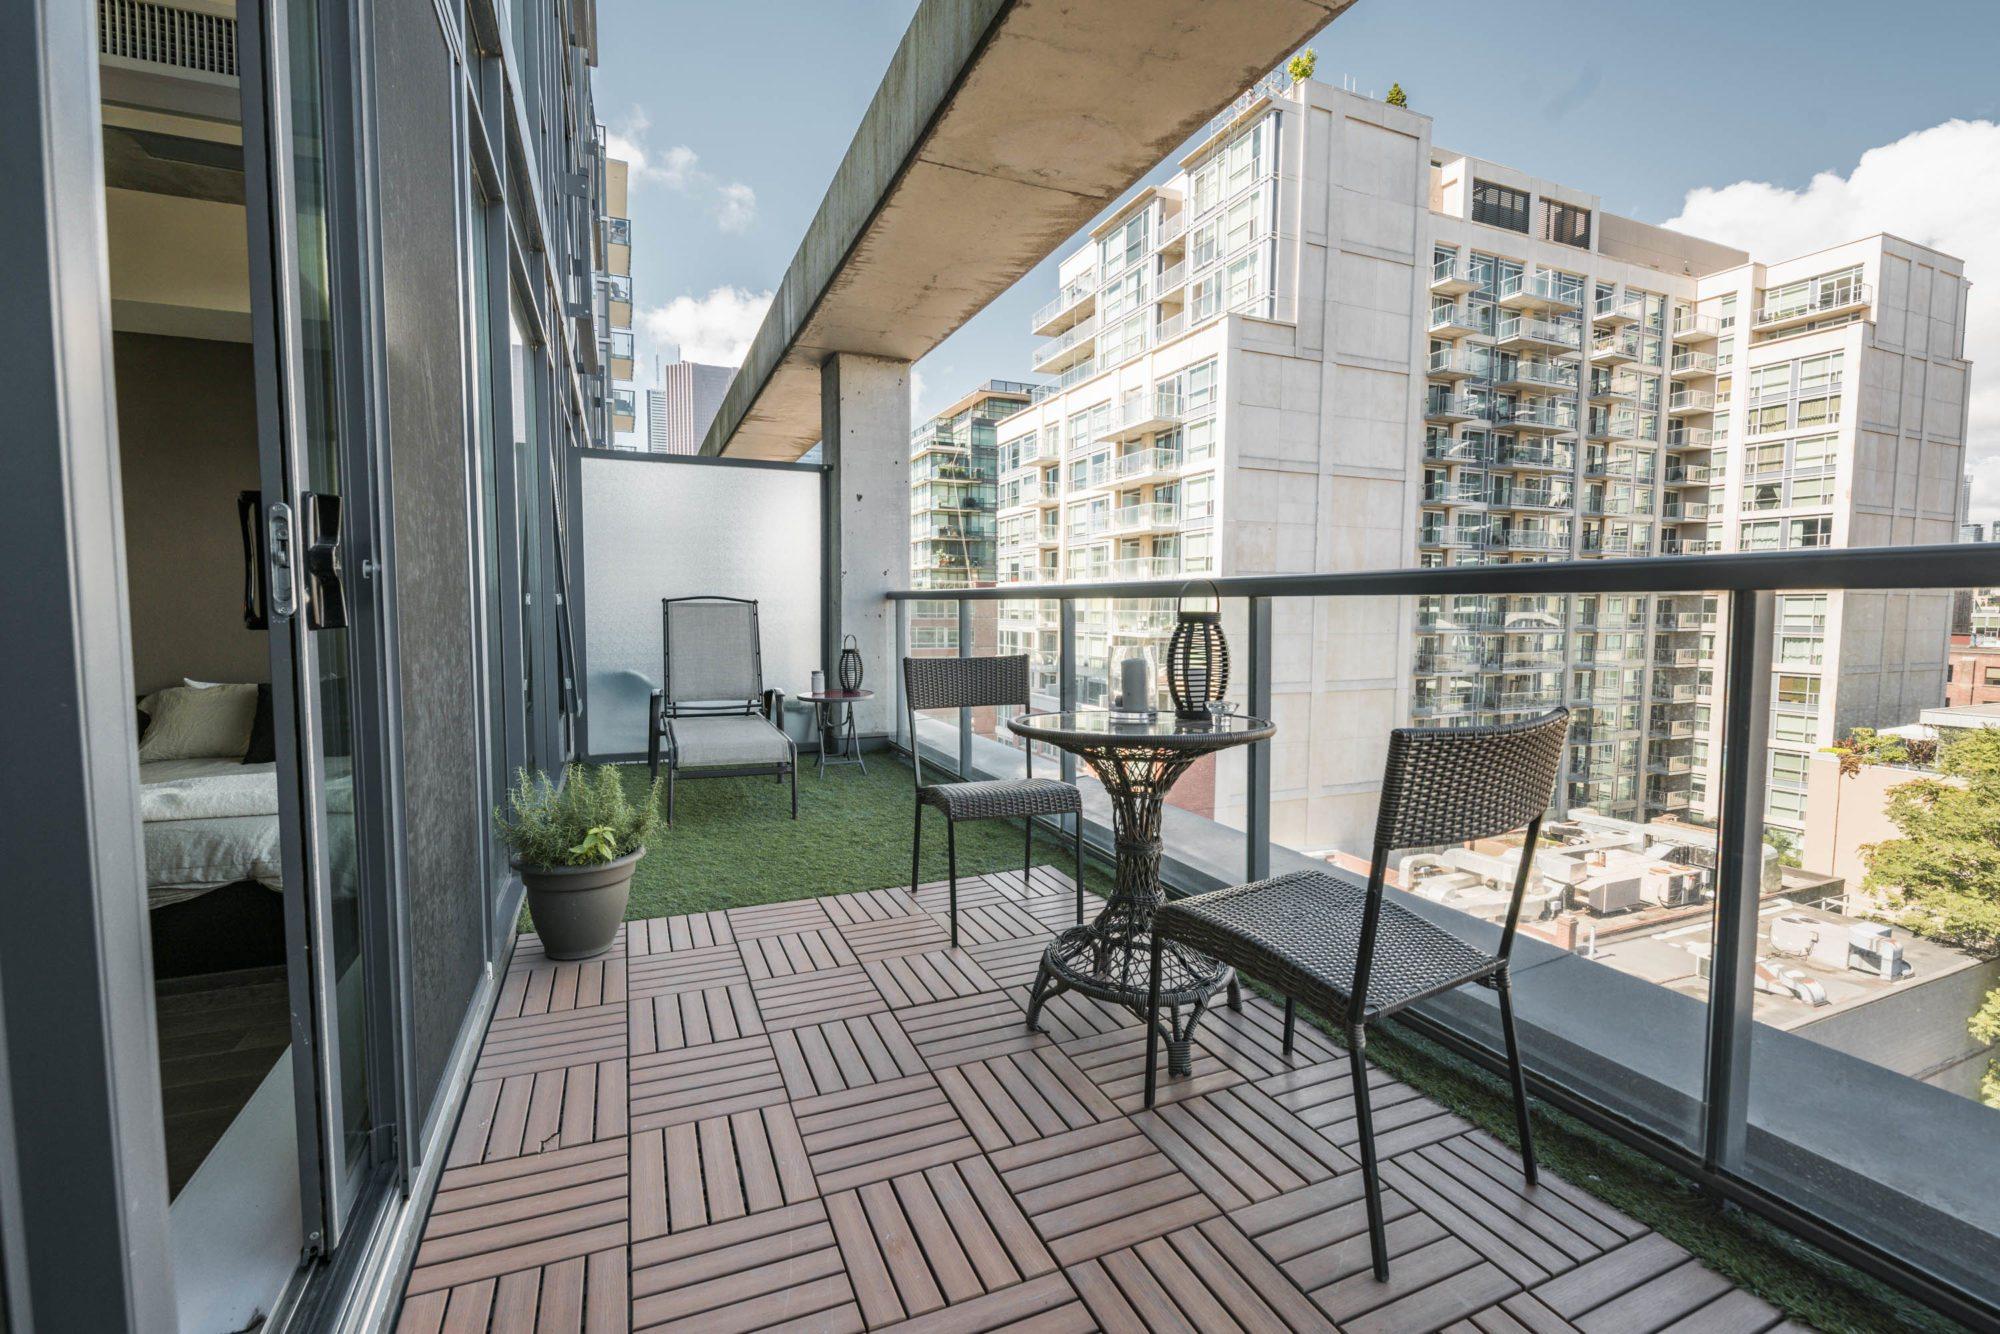 toronto-condo-for-rent-138-princess-street-6